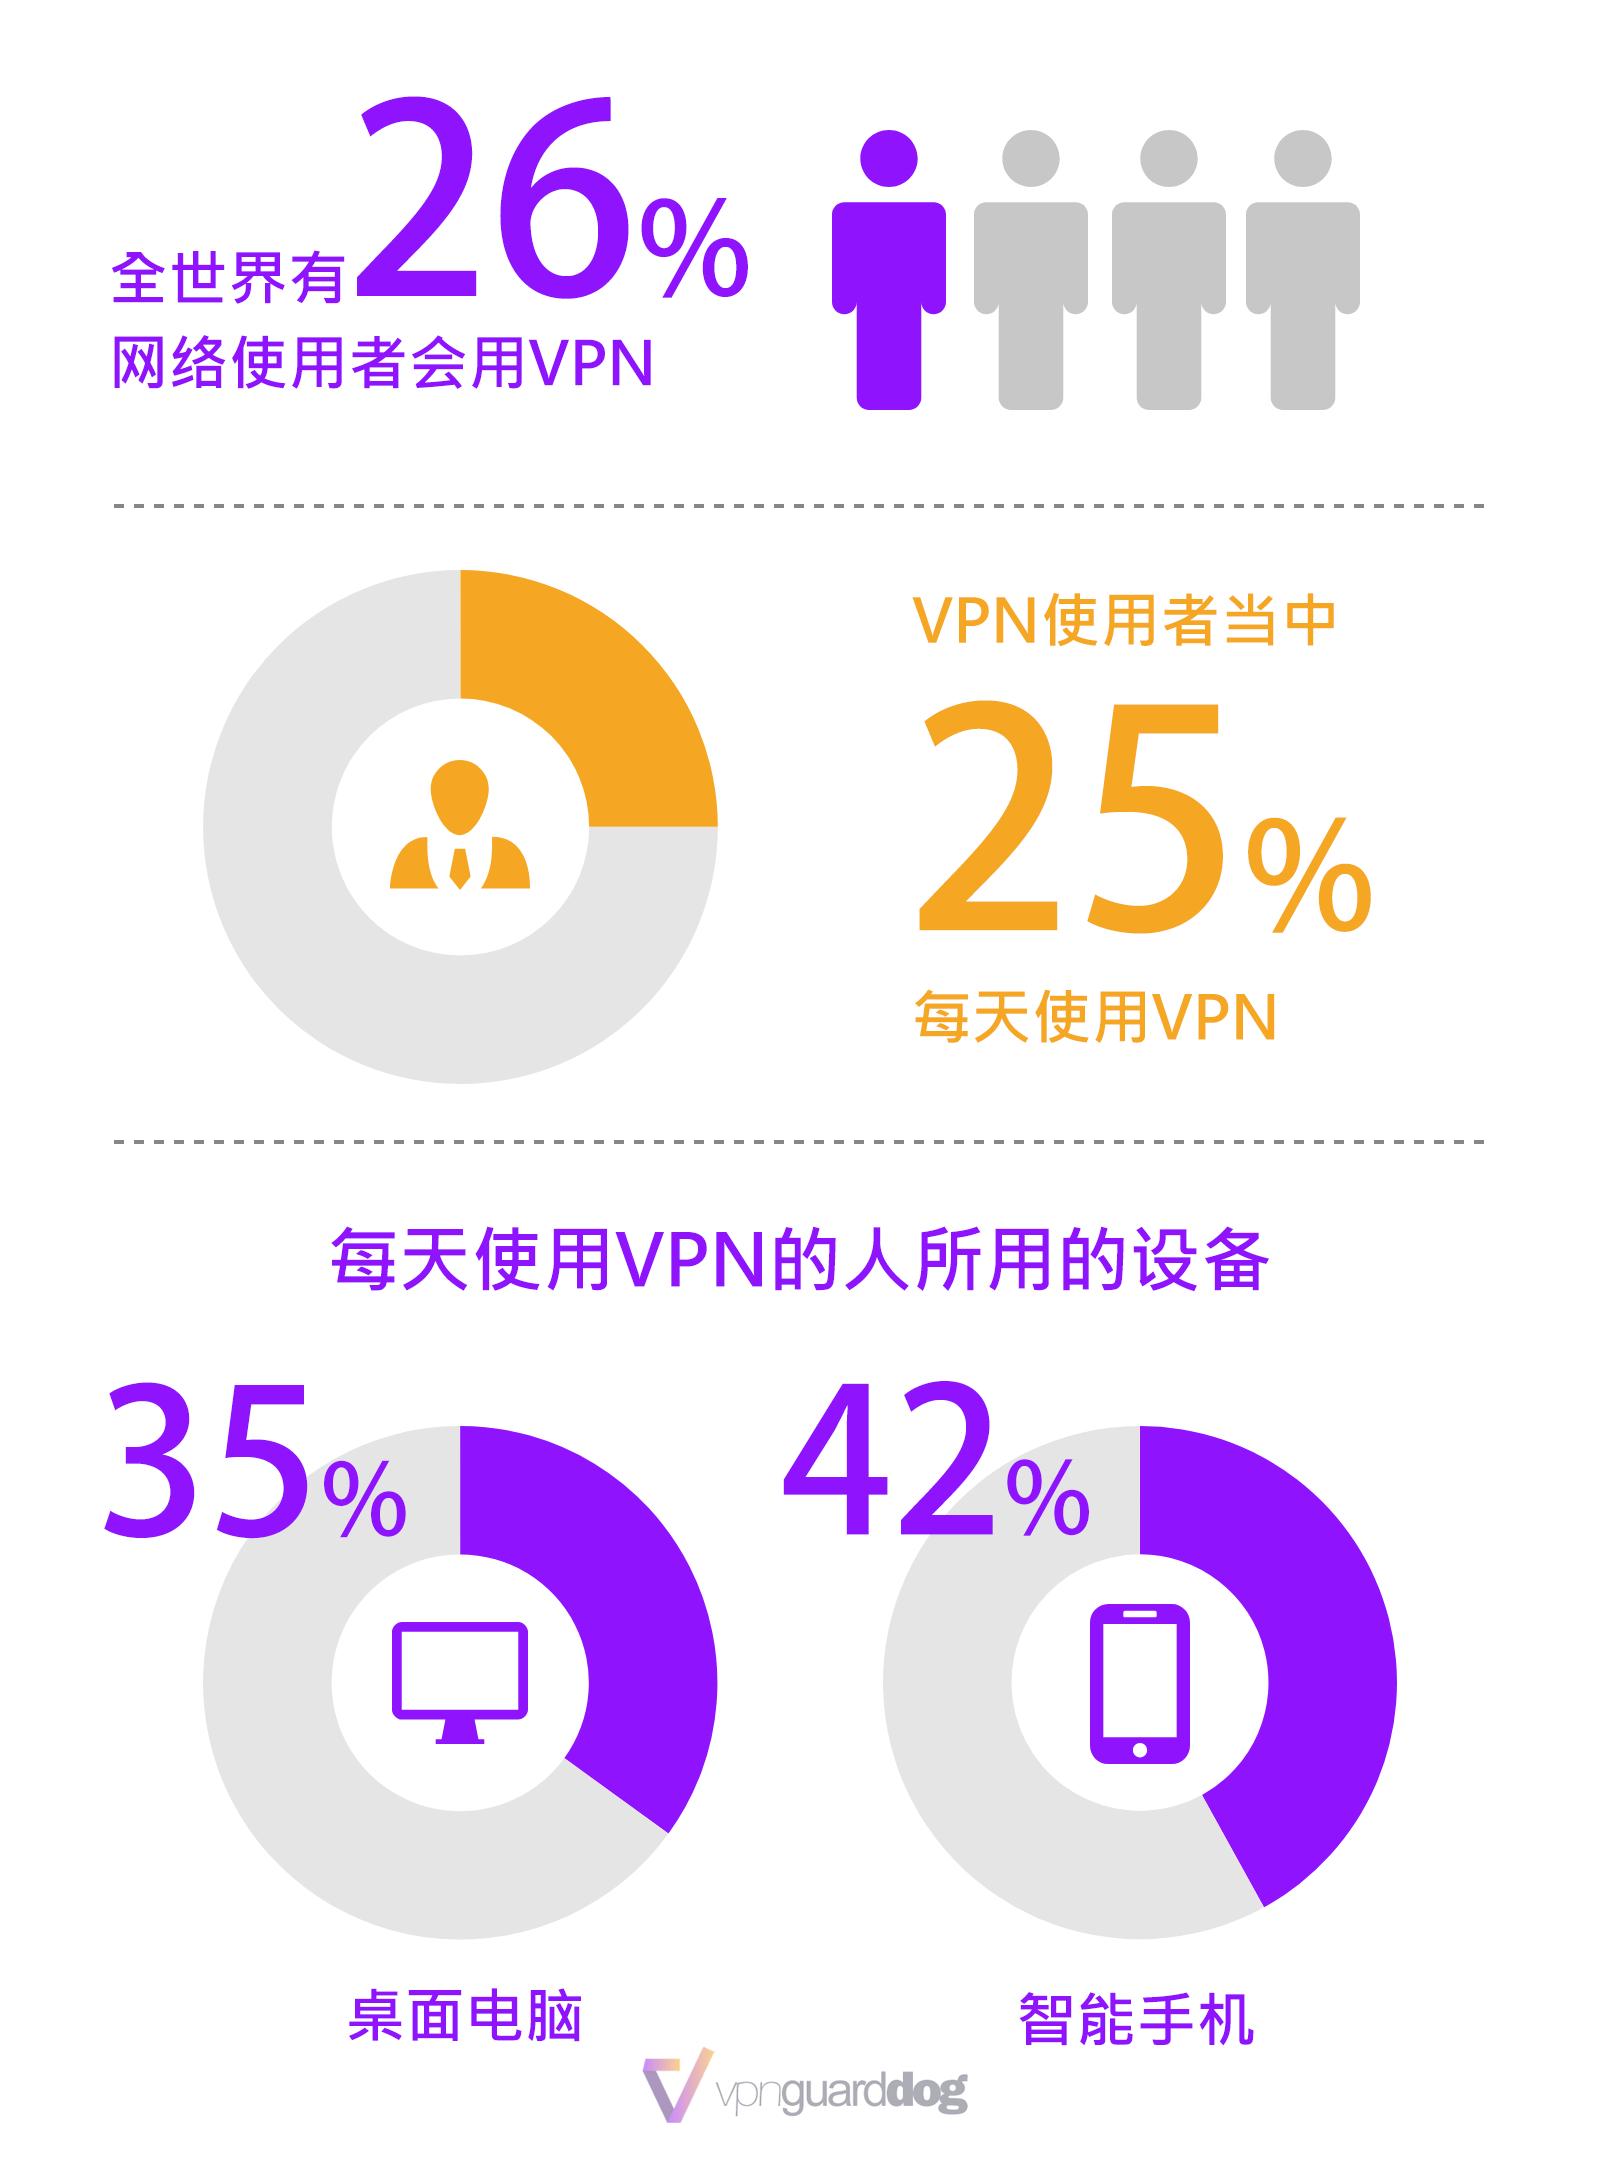 全世界的VPN使用情况统计